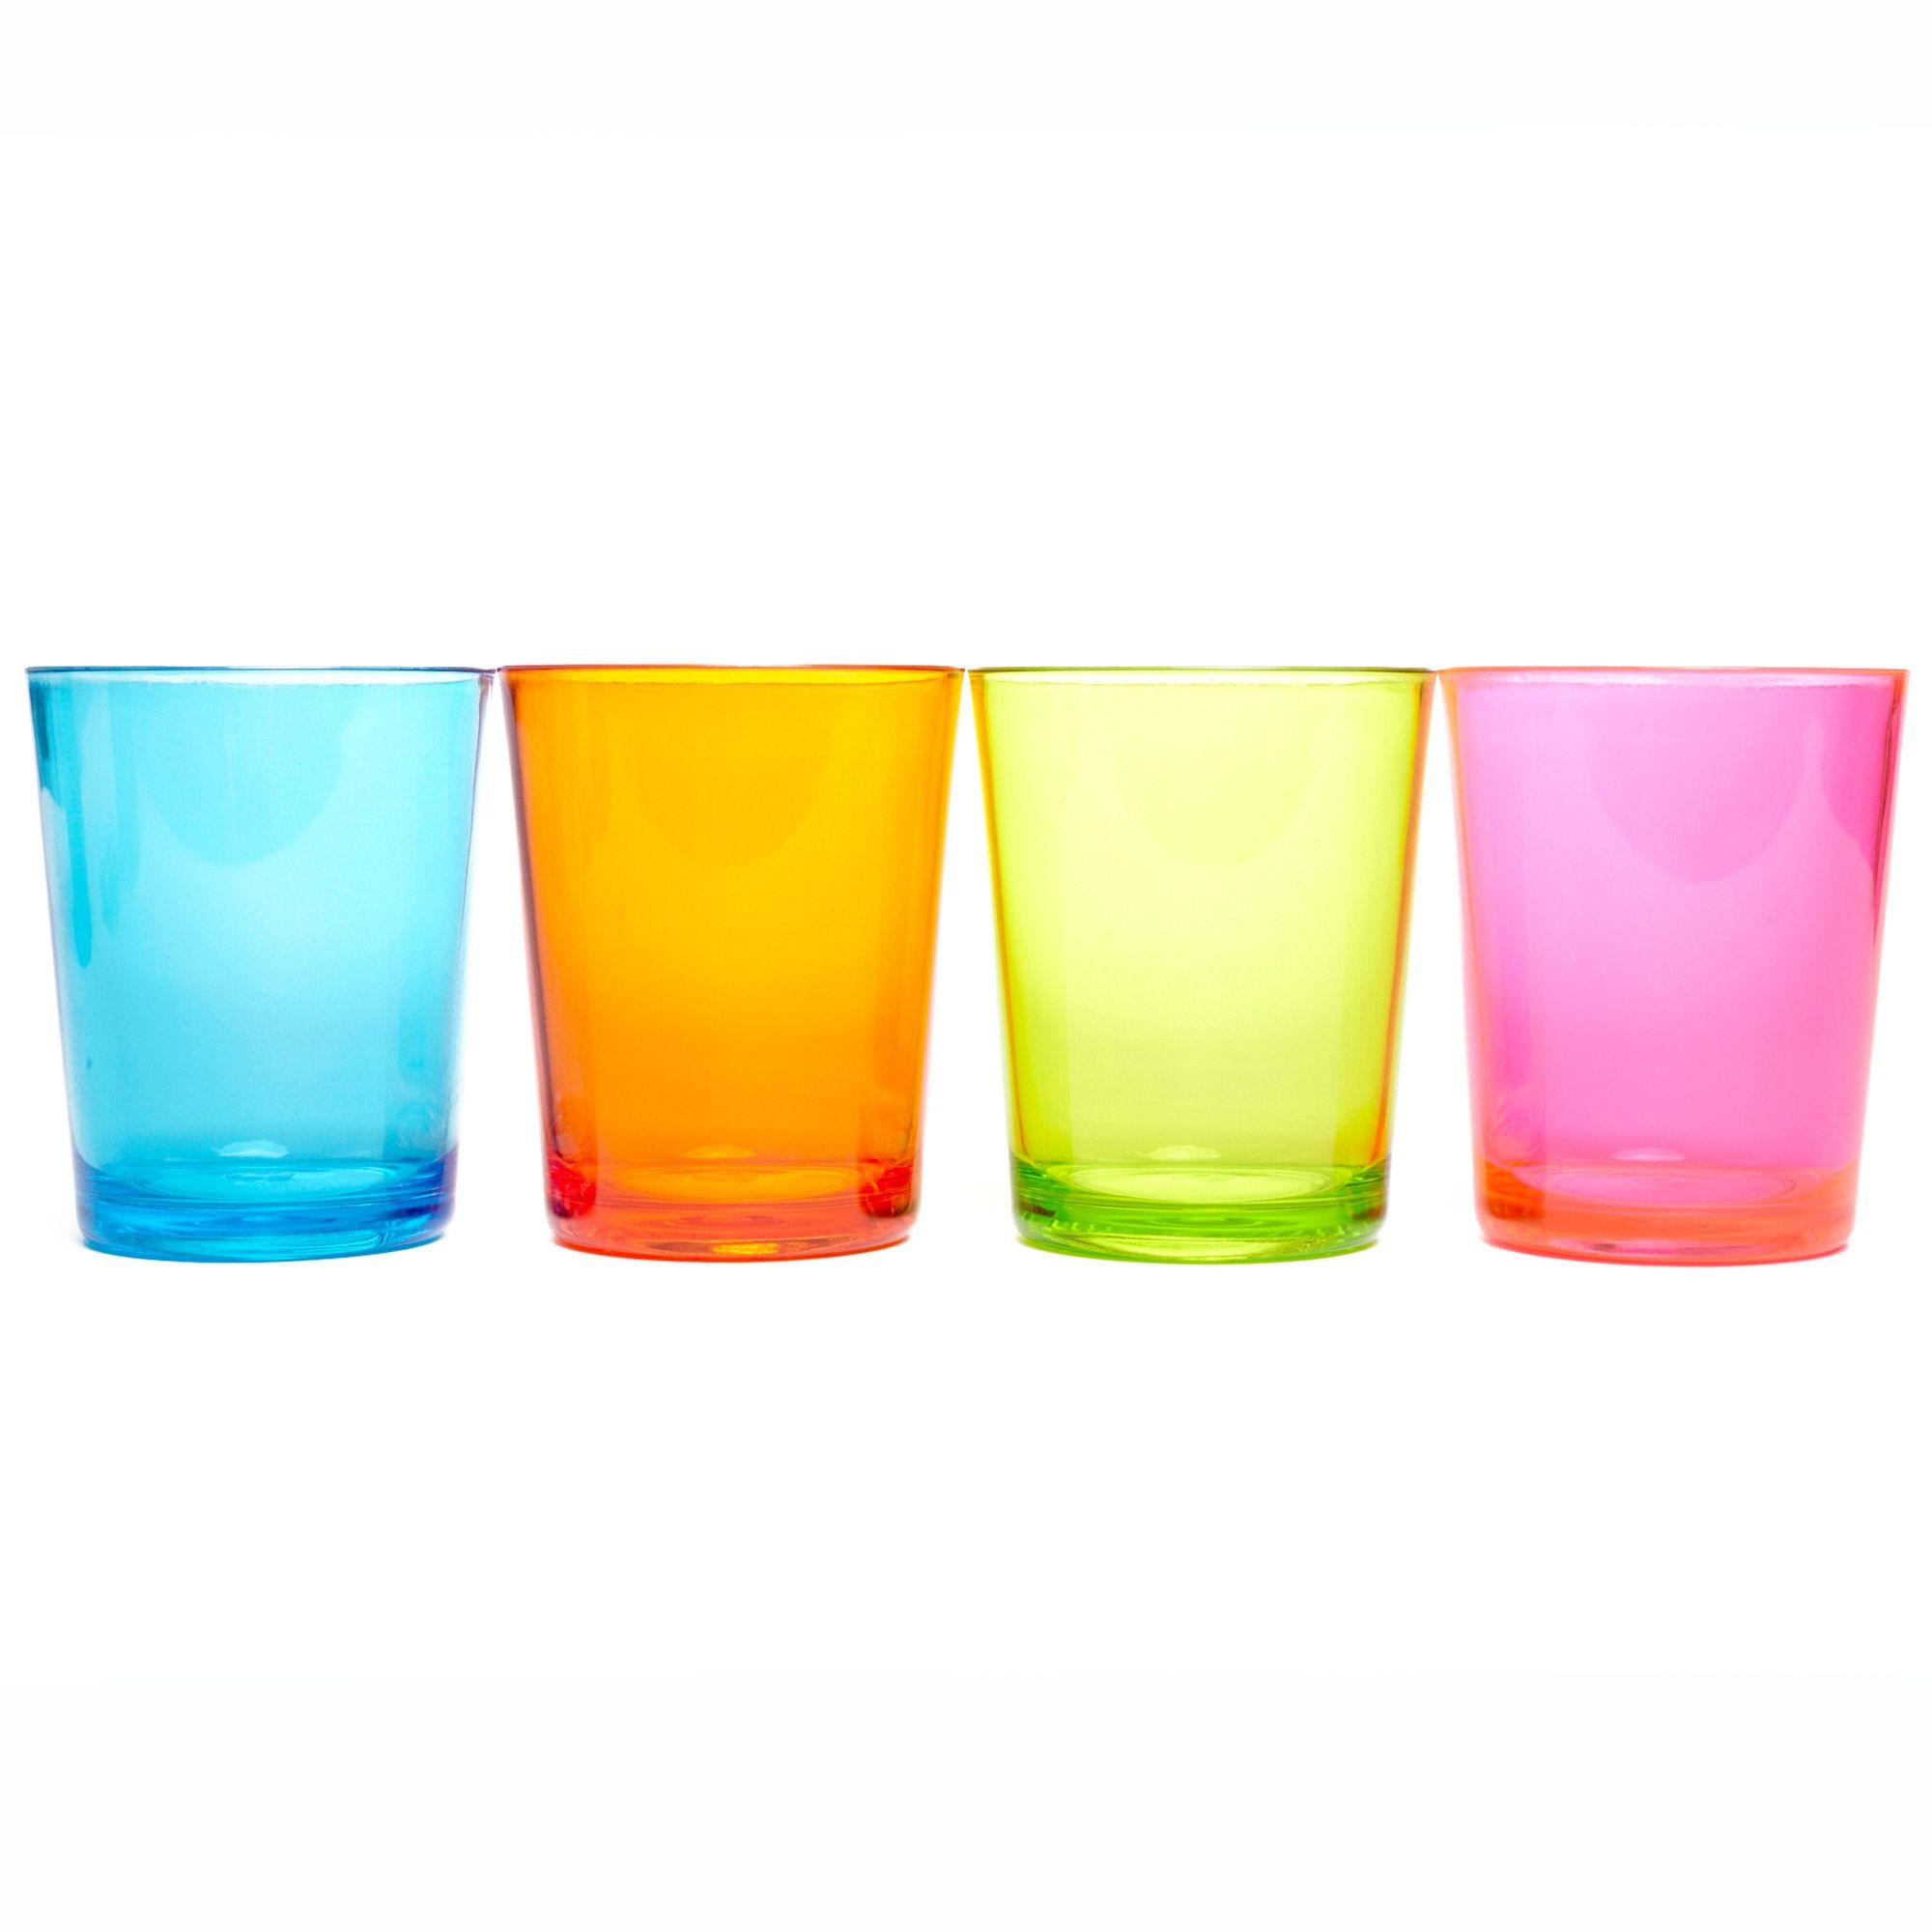 EUROHIKE Plain Tumbler Glasses - 4 Pack